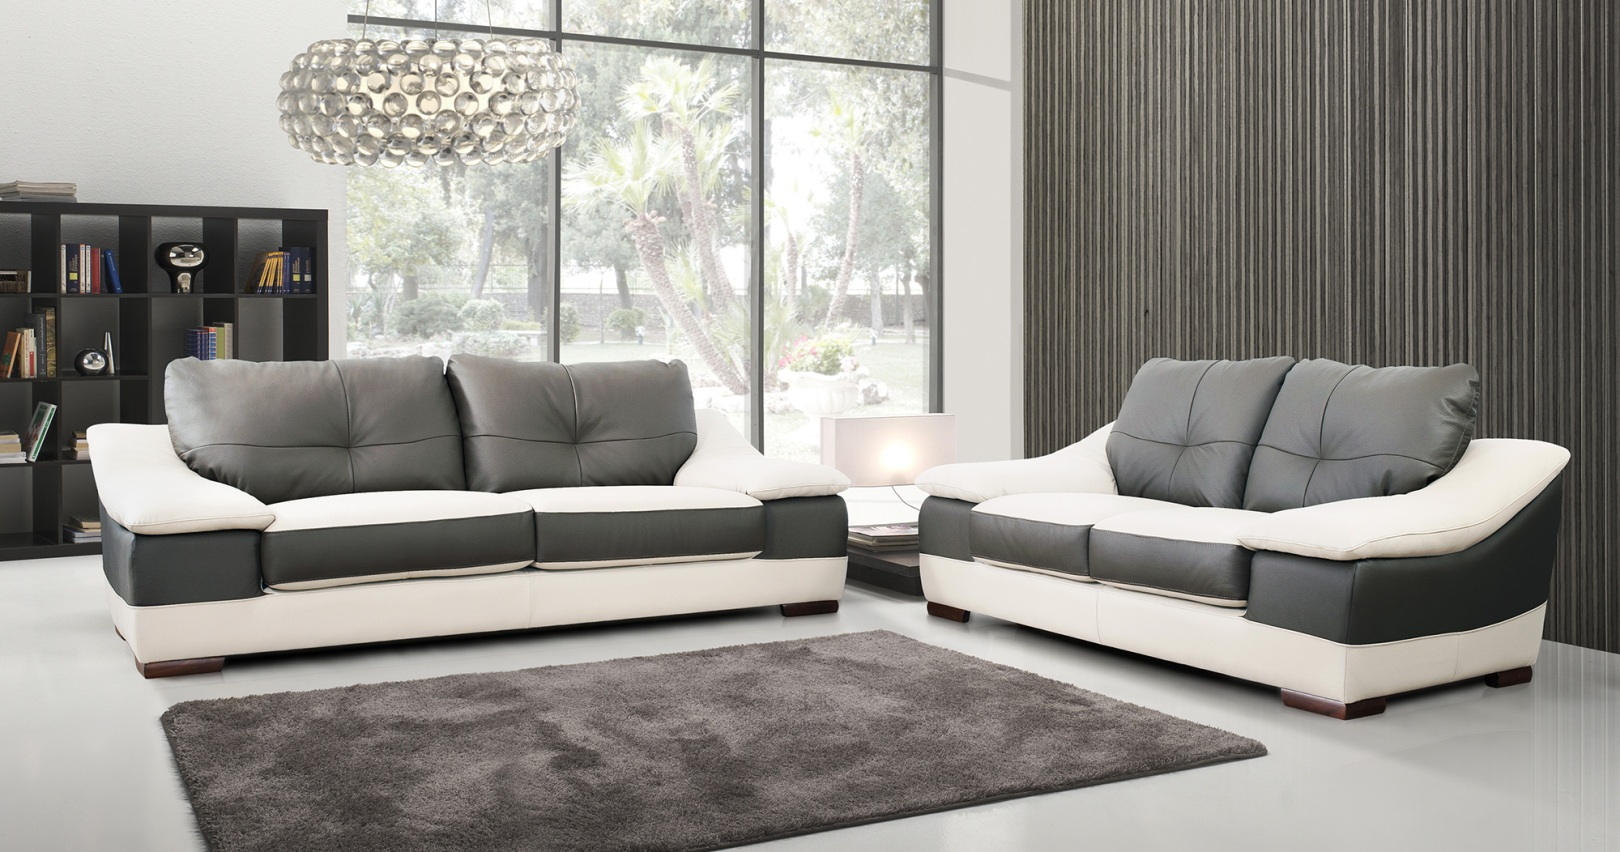 Salon Cuir Blanc Canapé Prosper Canapé Cuir Design Italien Personnalisable